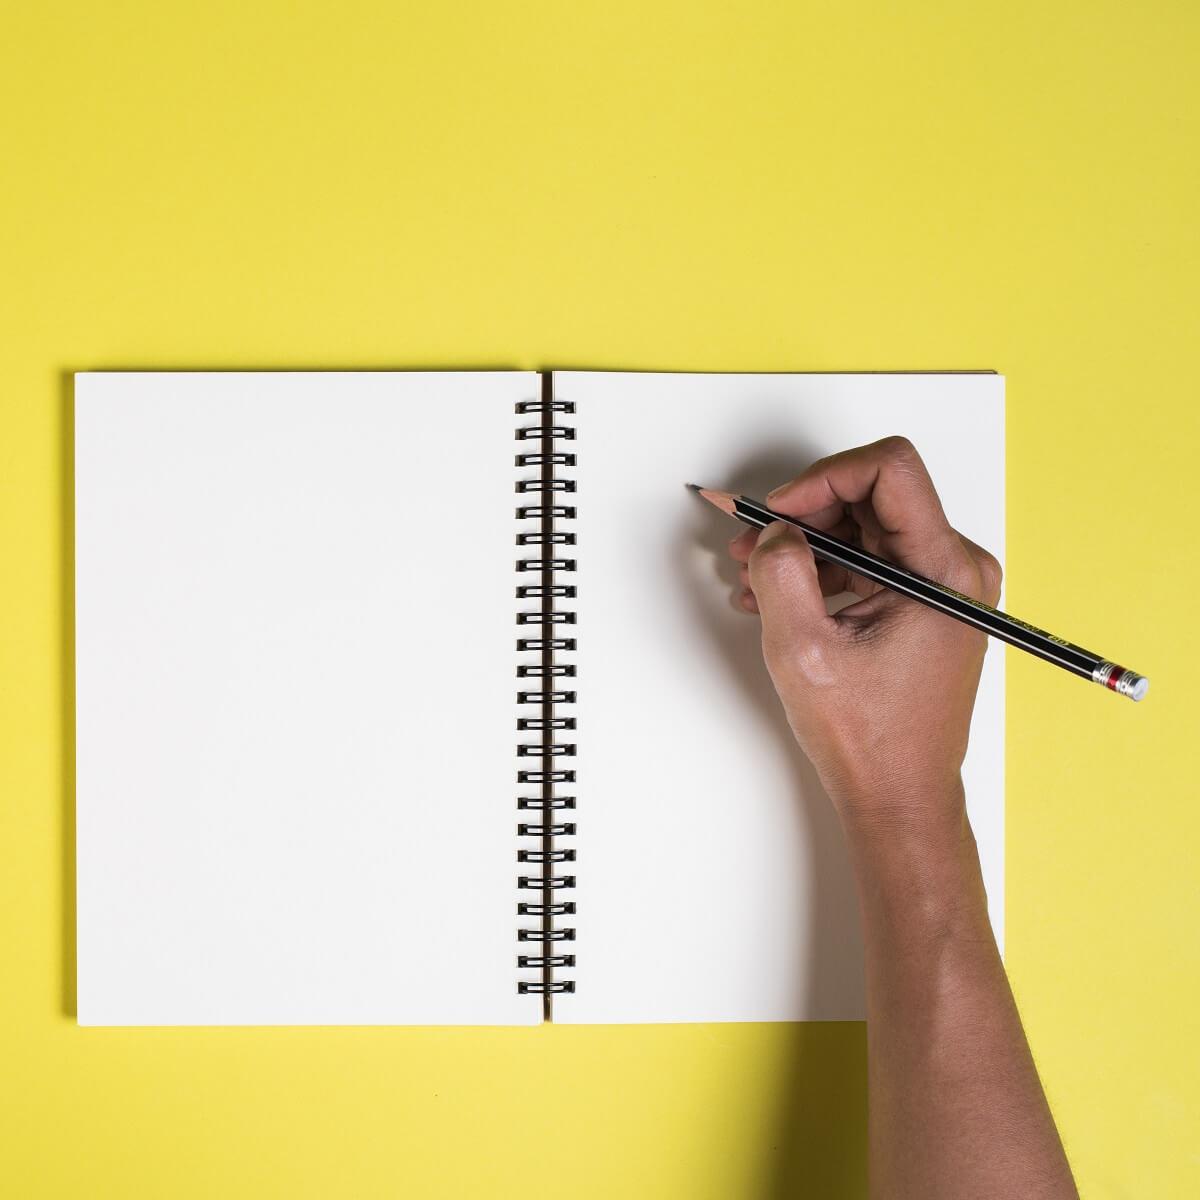 ノートに日記をつけている様子。